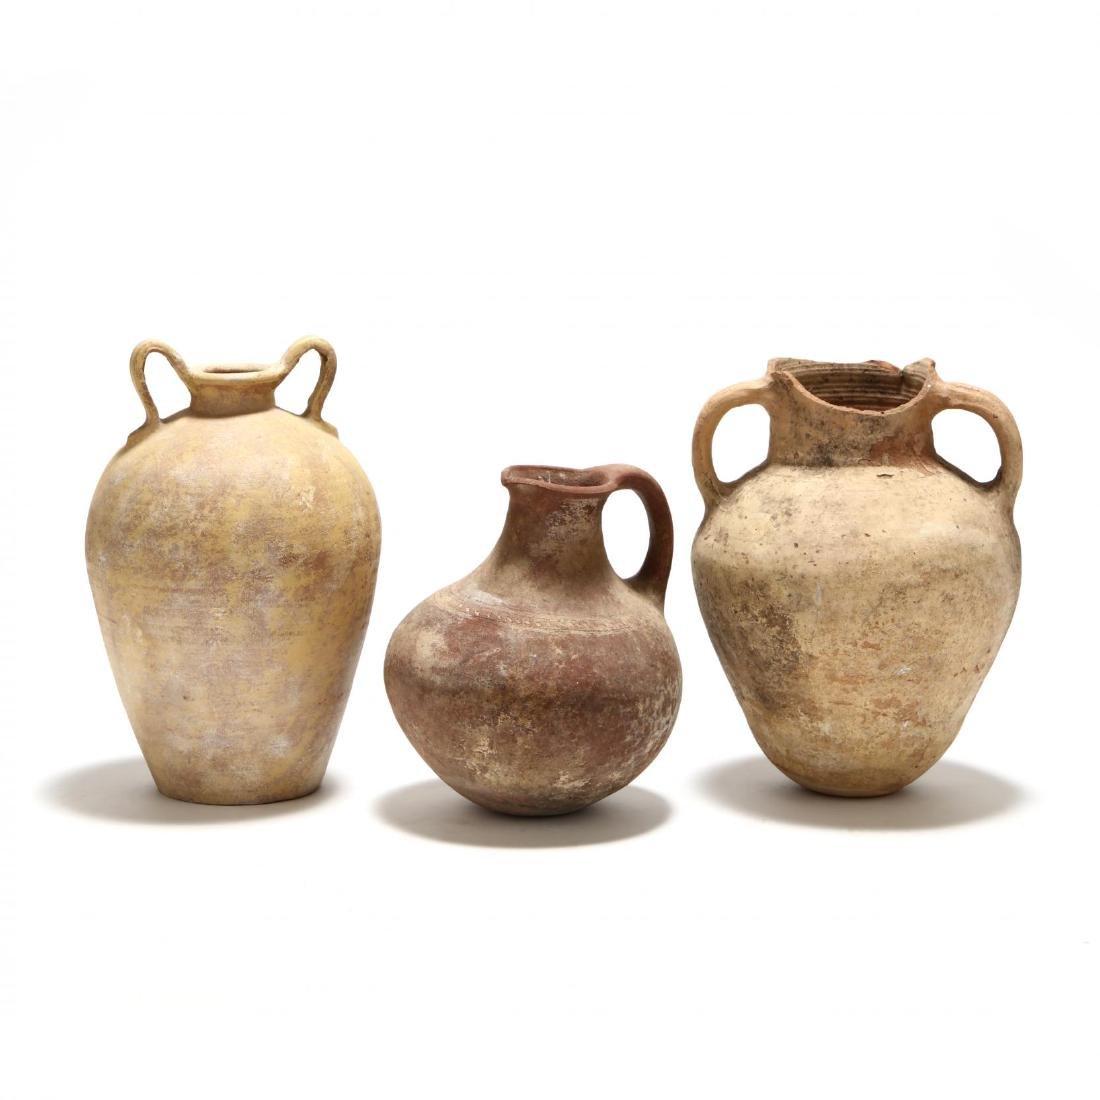 Three Cypriot Storage Vessels